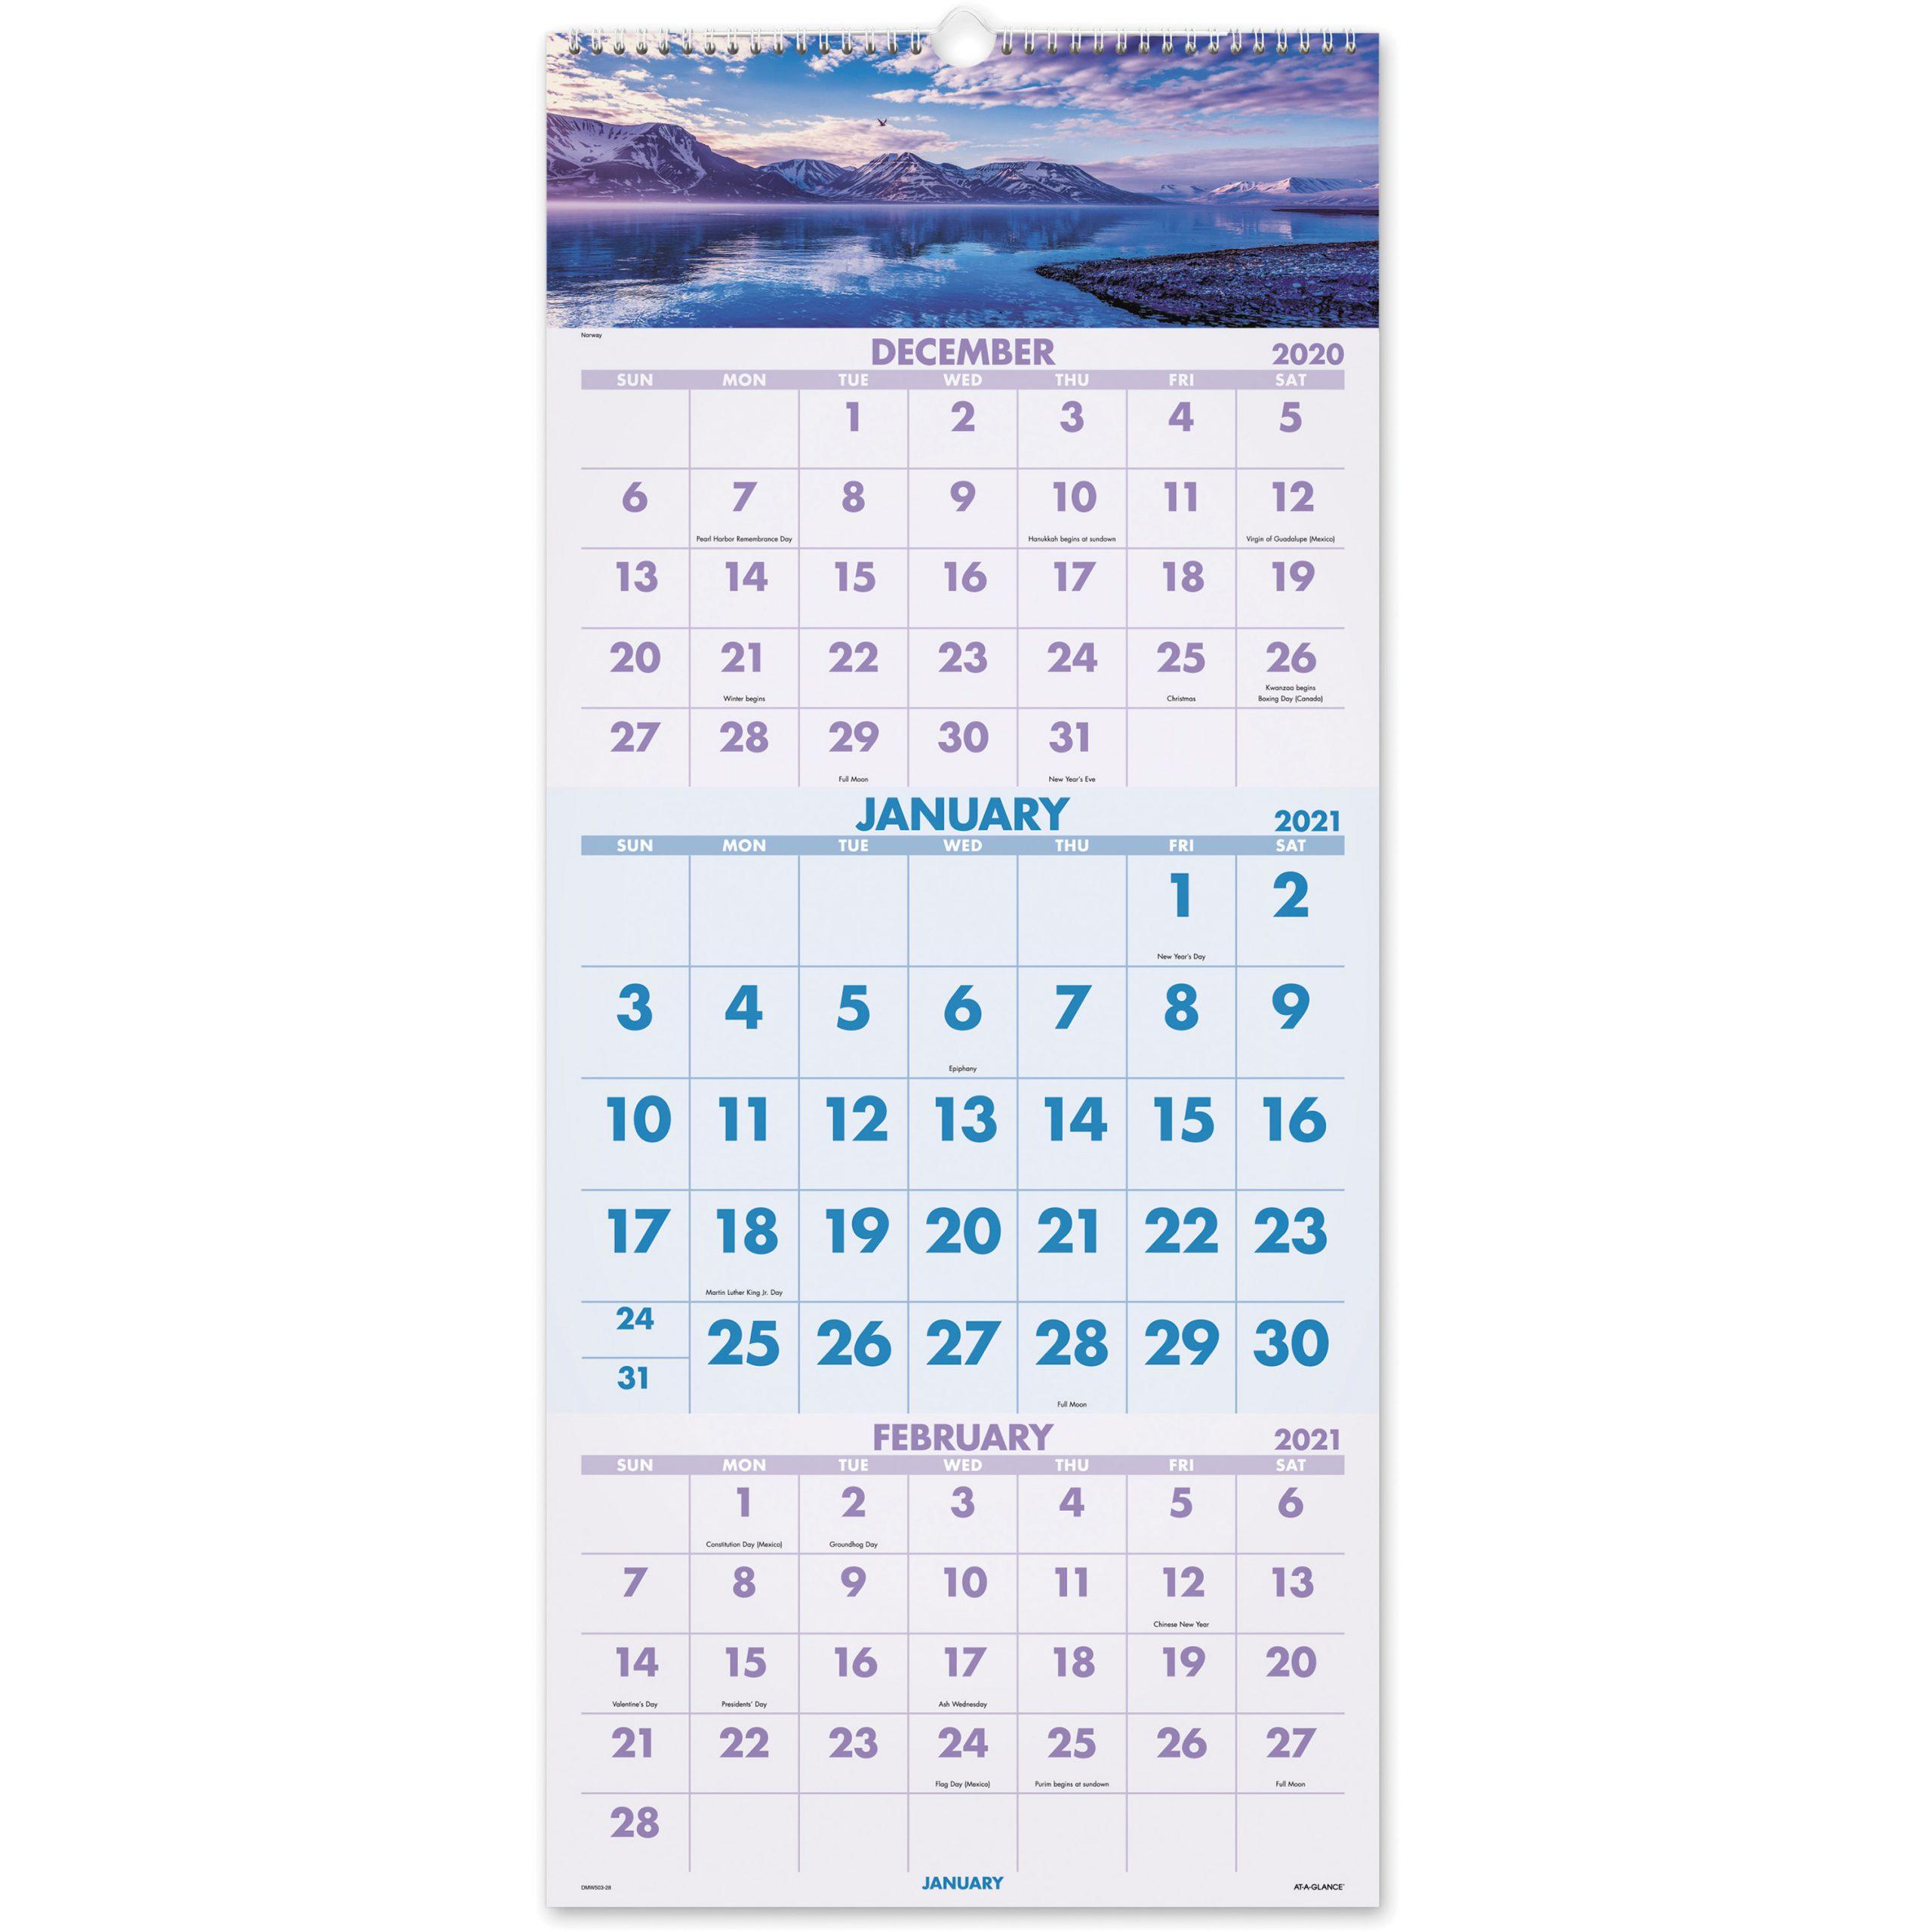 At A Glance Scenic Design 3 Month Wall Calendar - Julian Regarding Julian Date Calendar 2022